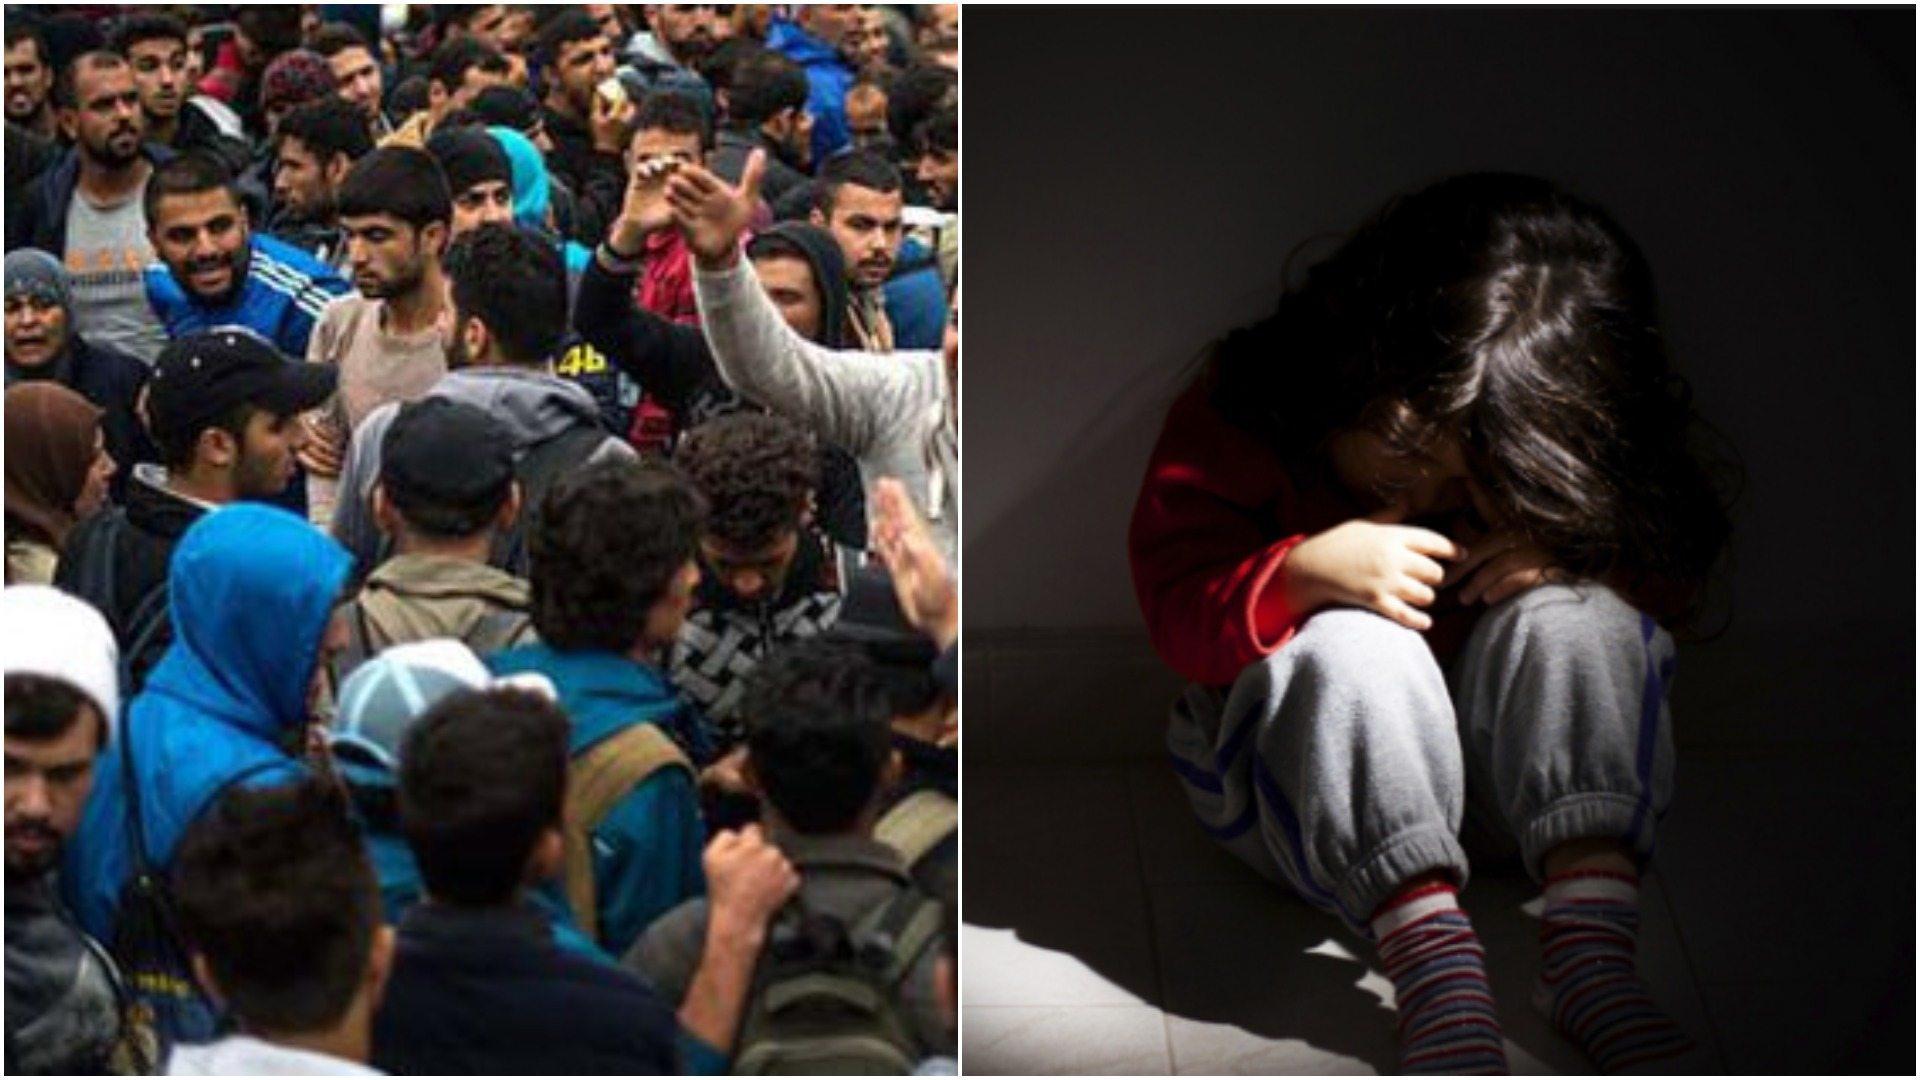 """Wstrząsające zeznania żołnierza. """"Niemieckie władze tuszują masowe zbrodnie imigrantów na dzieciach"""""""